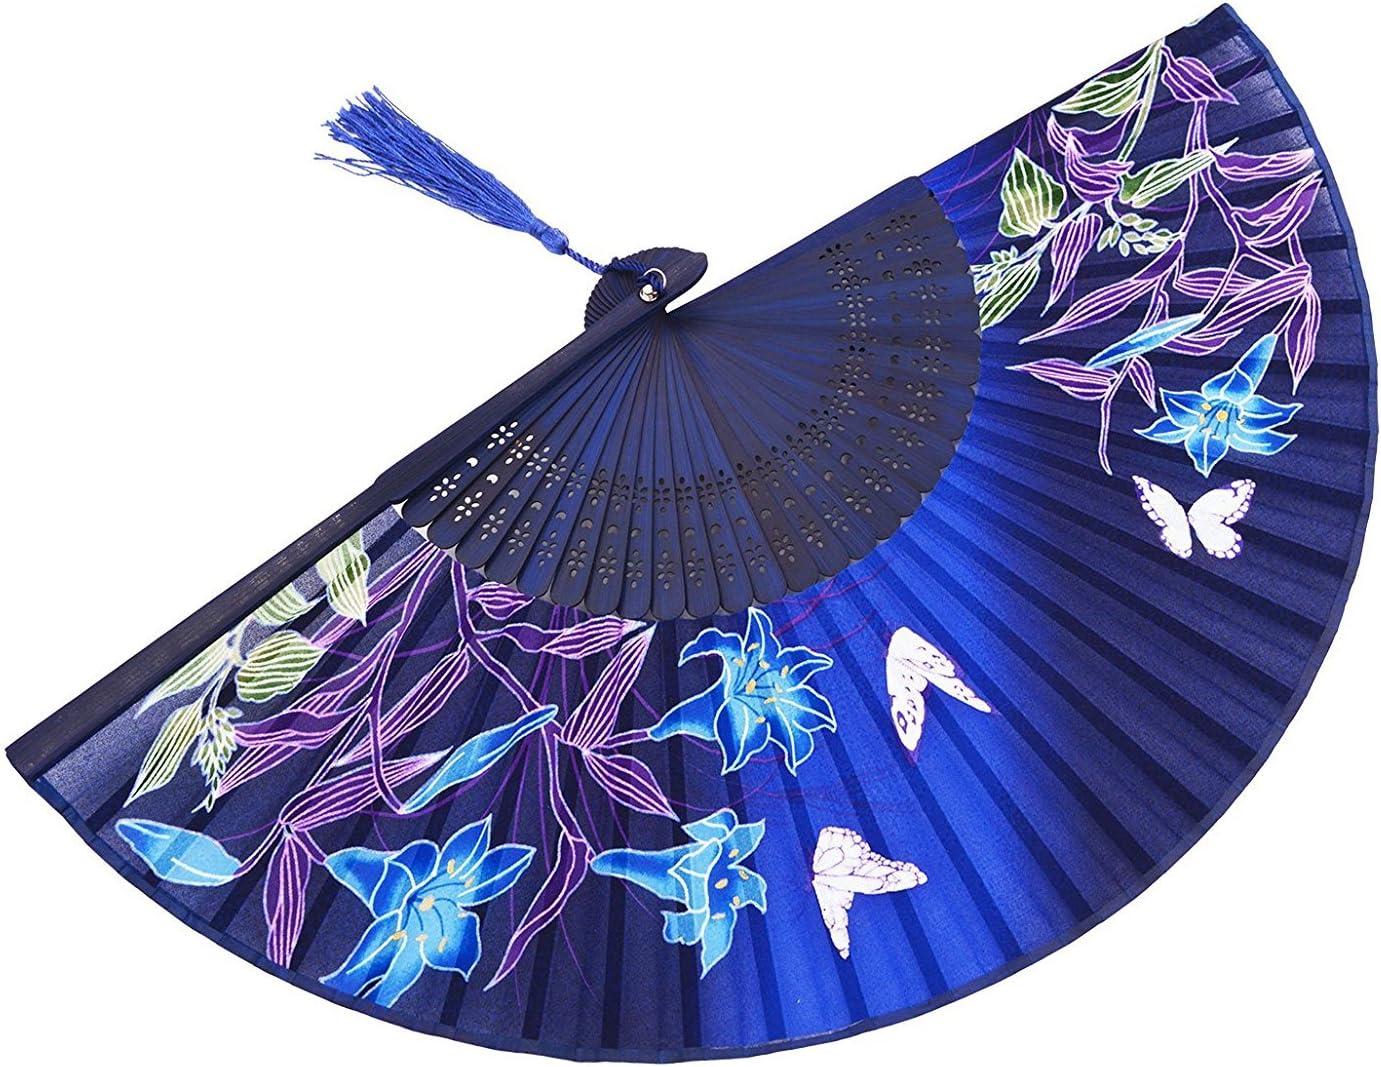 Ventaglio a mano pieghevole cinese giapponese per donna ventaglio di mano in legno di bamb/ù vintage retr/ò stile 8.27 21 cm